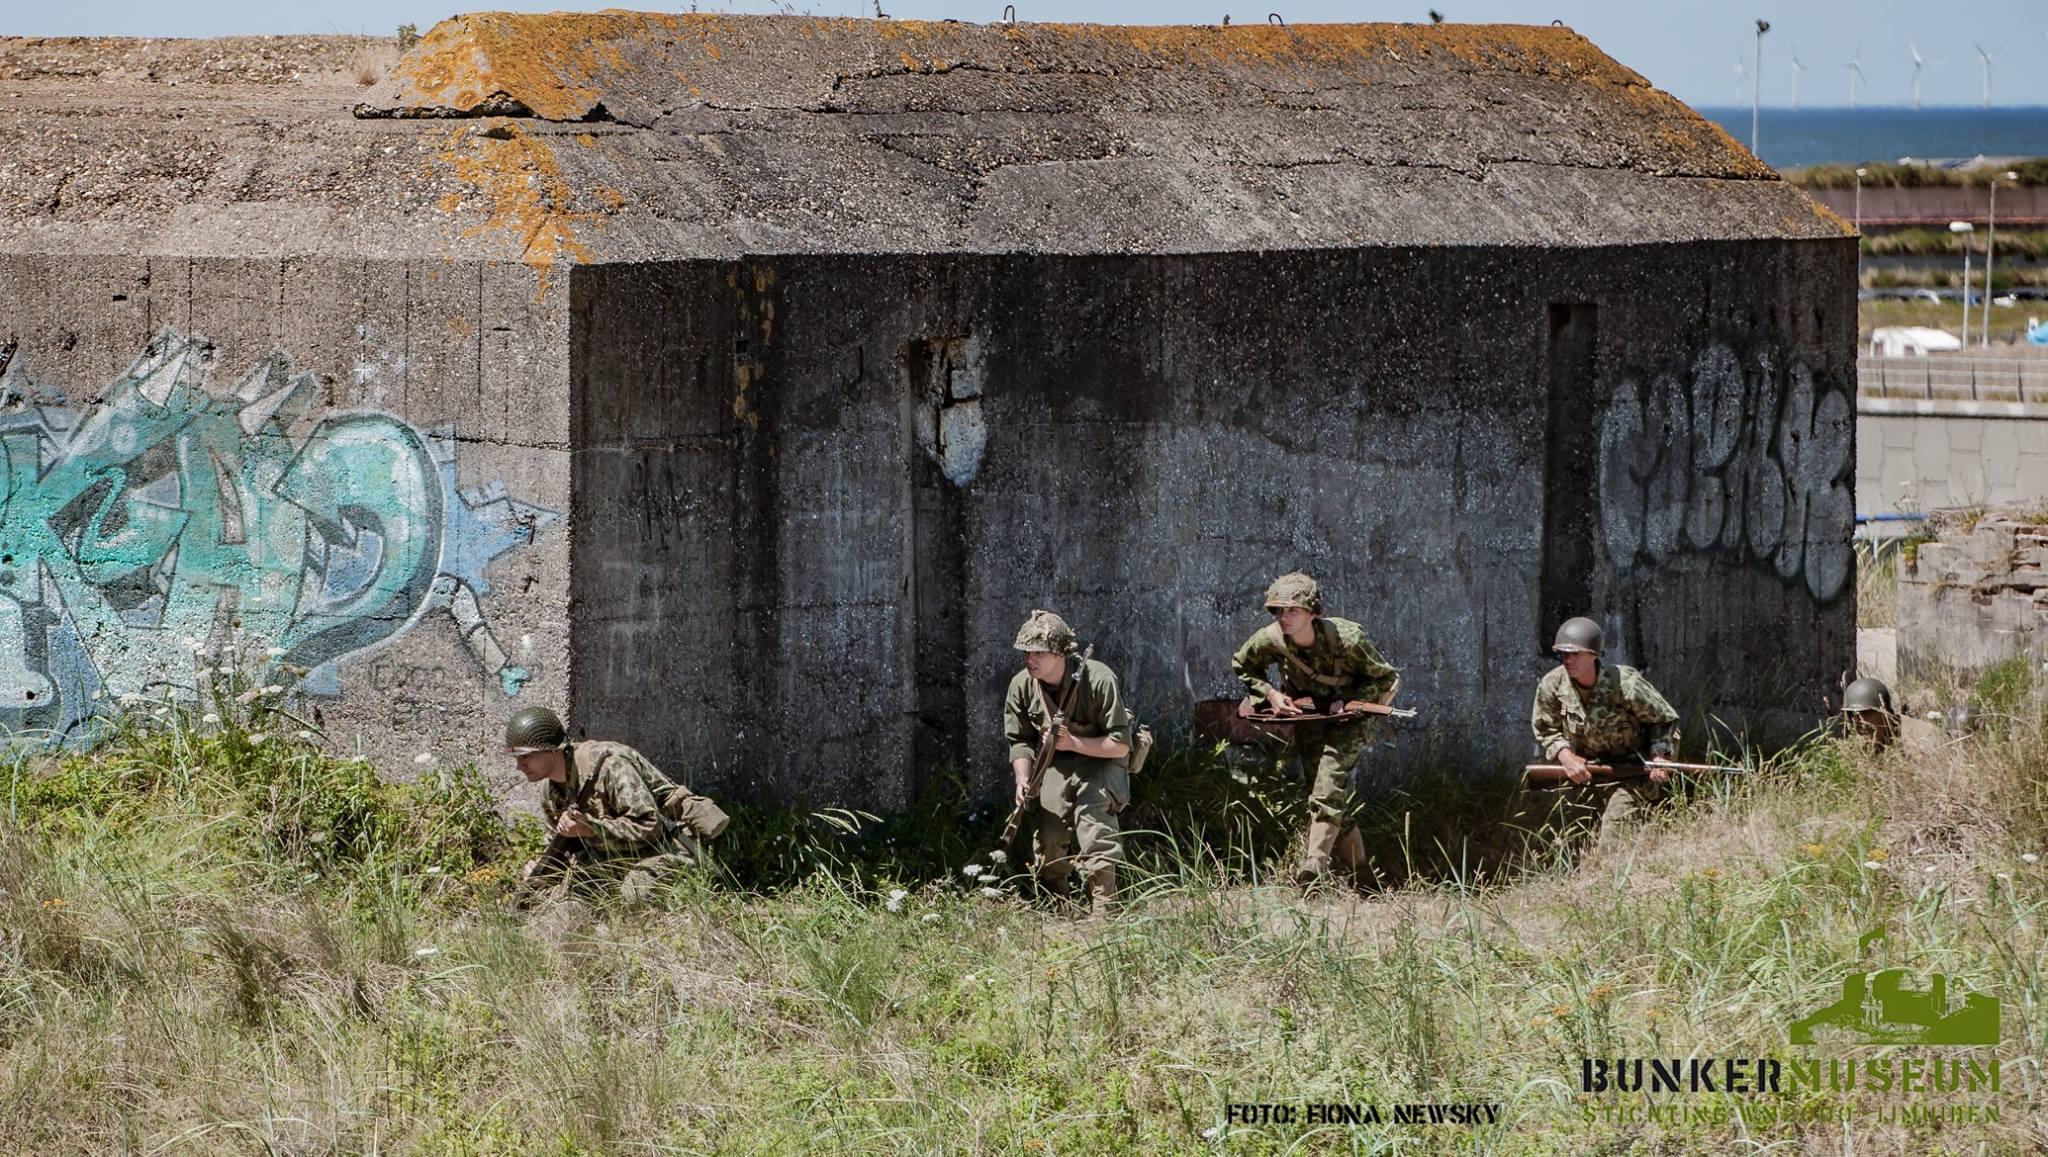 Bunkermuseum 2018 Niels Broere 3